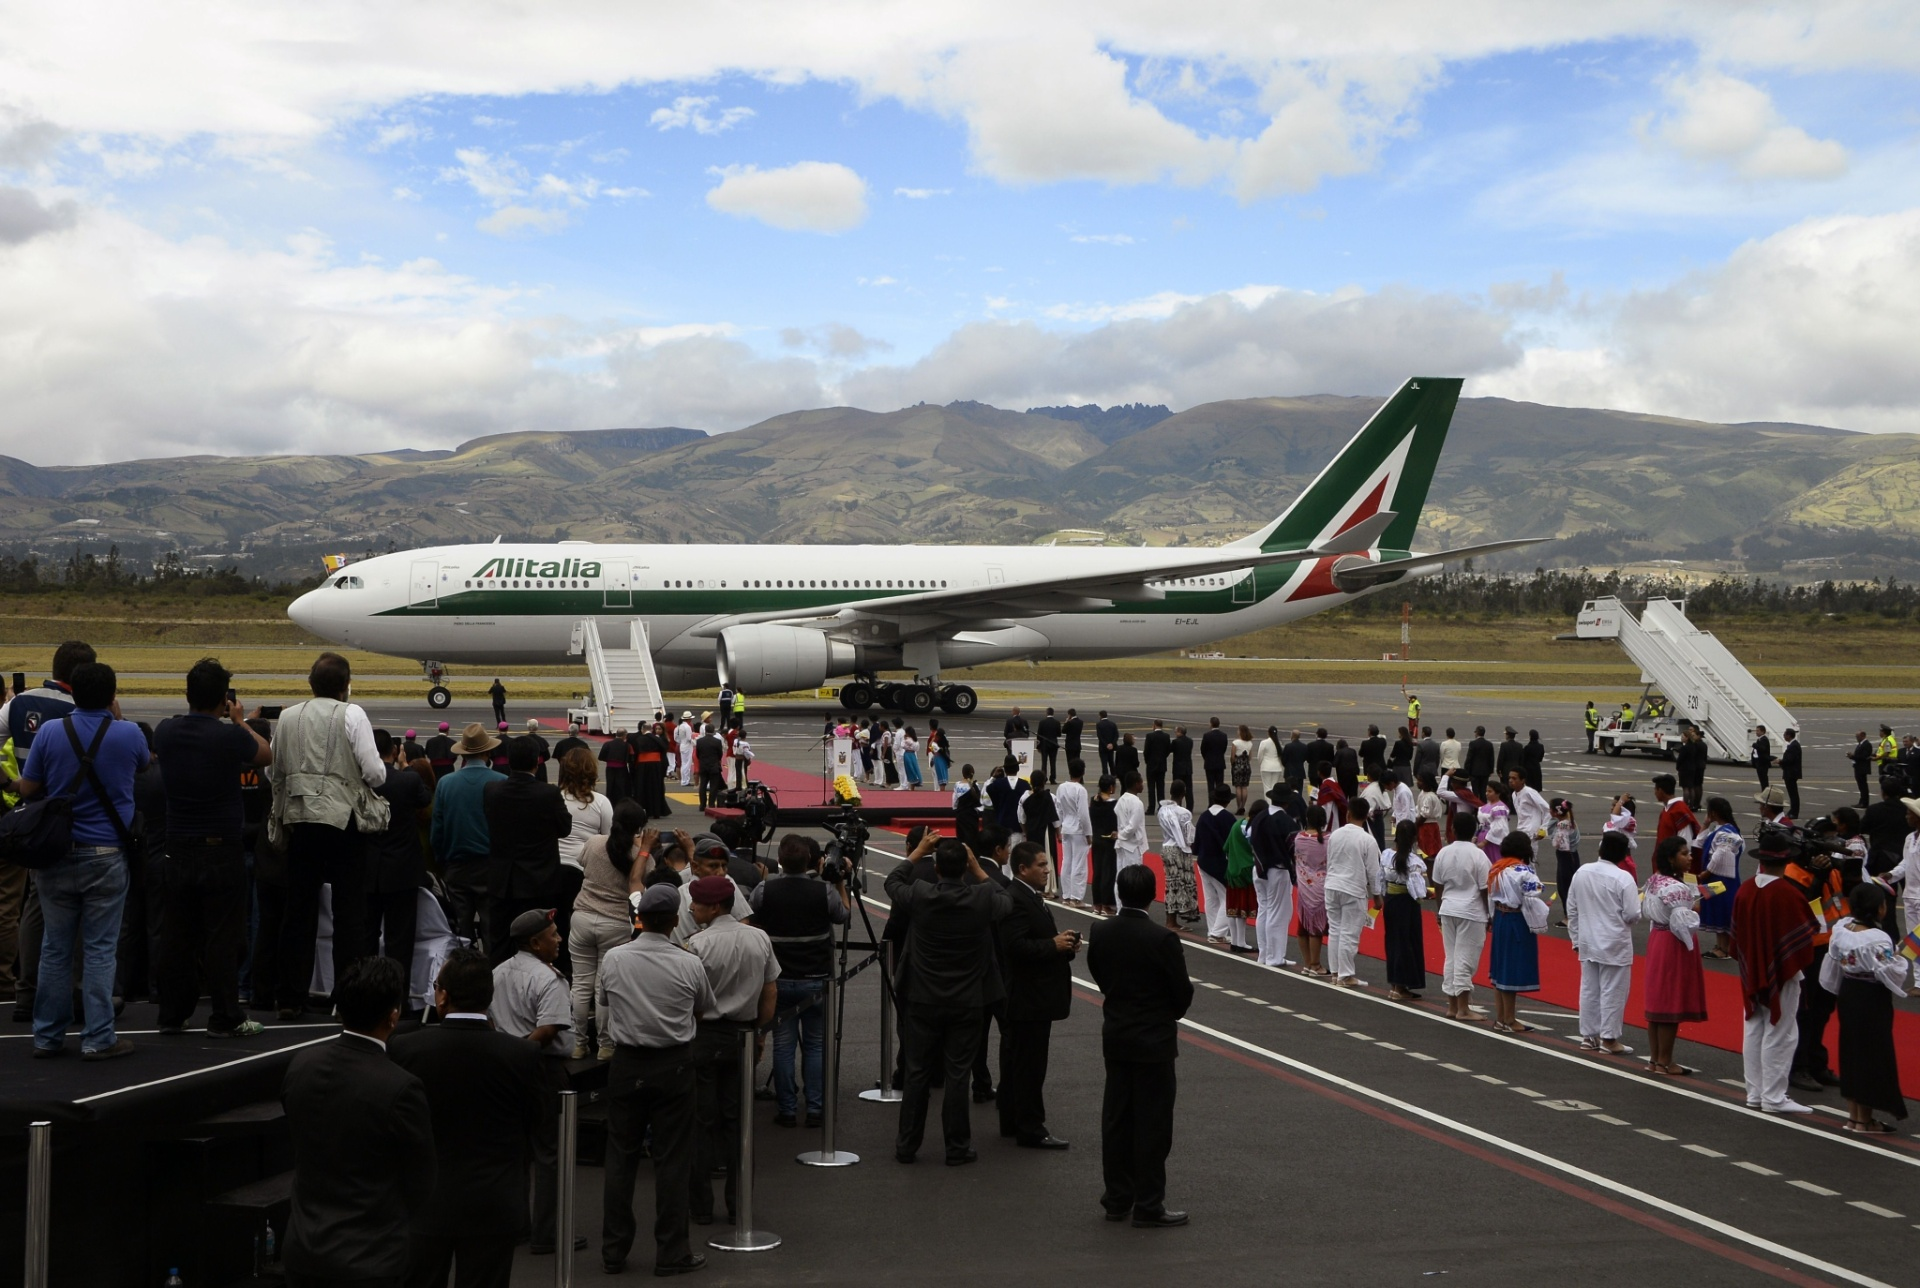 5.jul.2015 - O avião que traz o papa Francisco à sua excursão pela América do Sul aterriza no Aeroporto Internacional Mariscal Sucre, em Quito